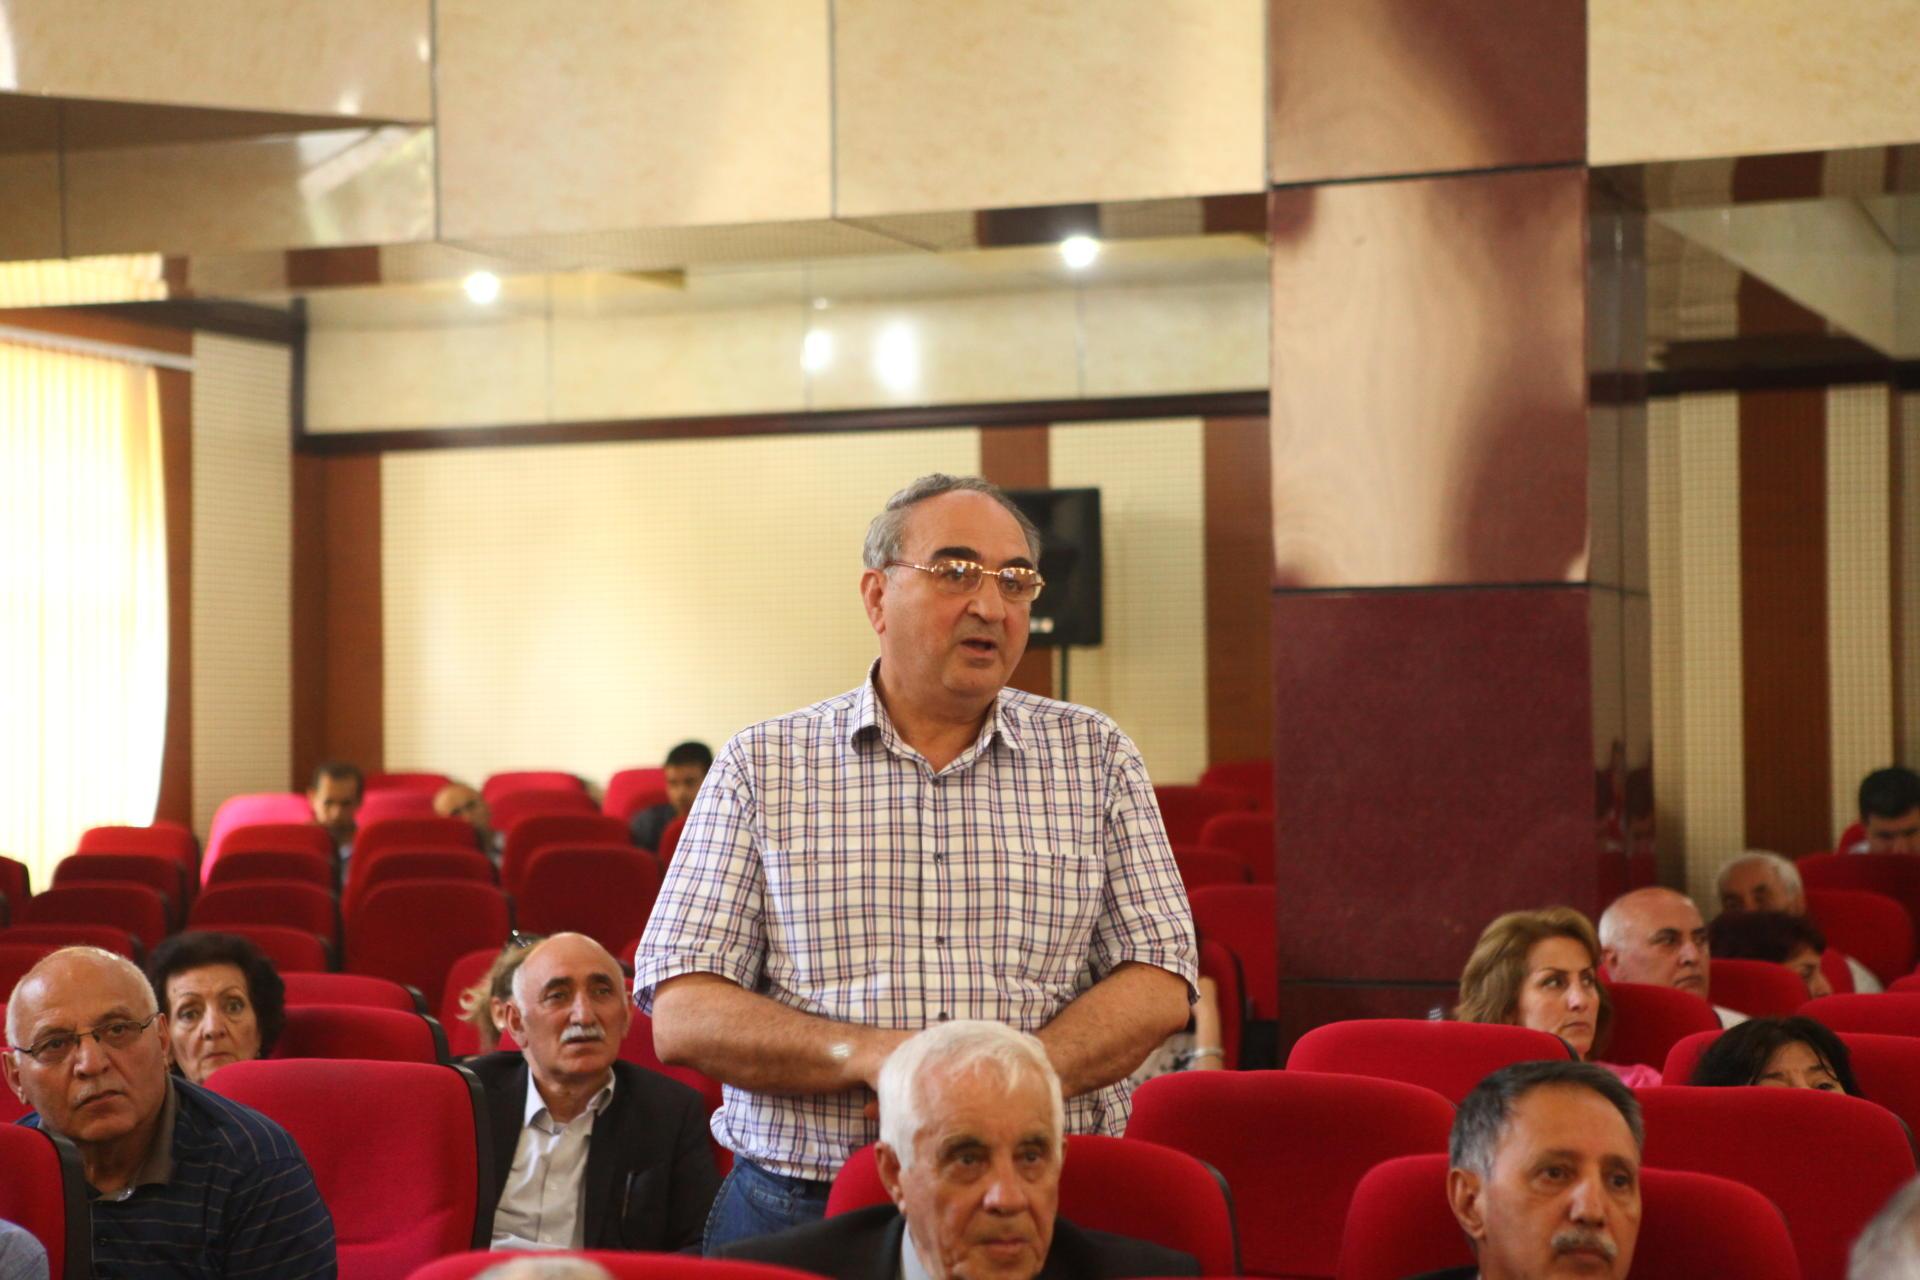 BDU-da yapon şirkətinin əməkdaşlarının iştirakı ilə seminar keçirilib (FOTO) - Gallery Image